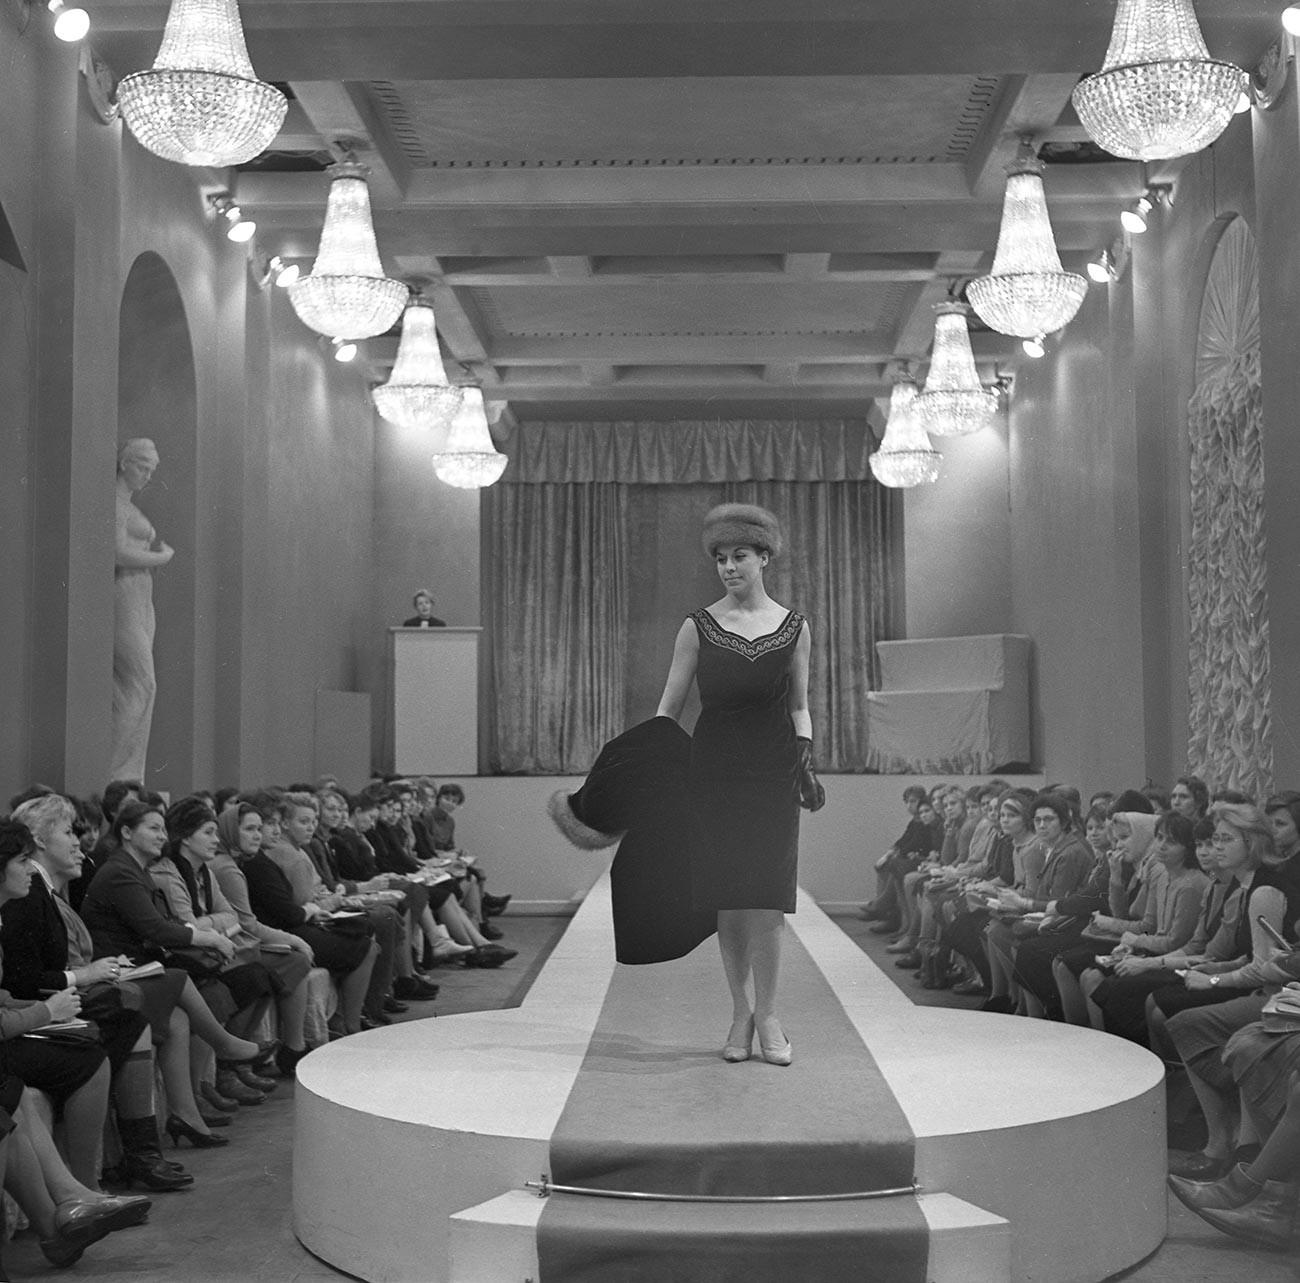 Casa de Diseño de Moda de Leningrado. Presentación de la nueva colección de primavera, 1965